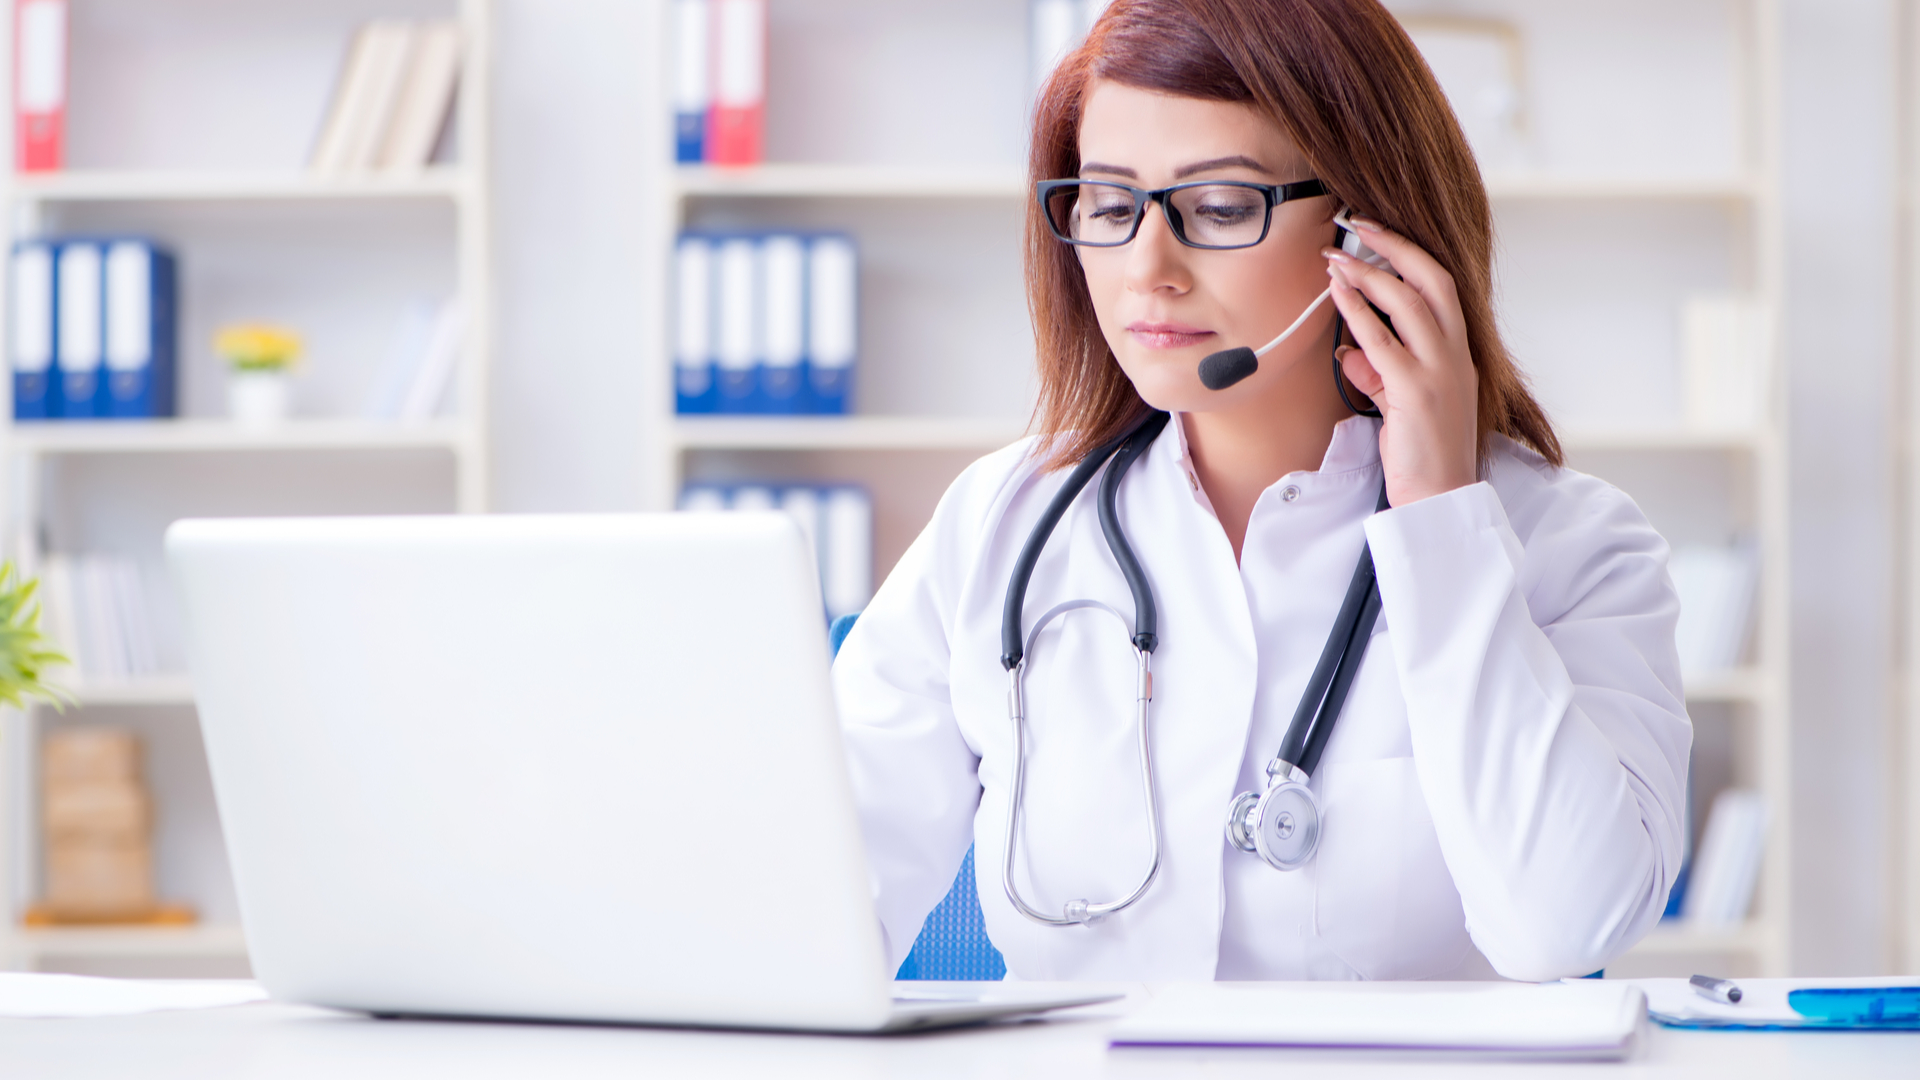 monitoreo remoto de pacientes